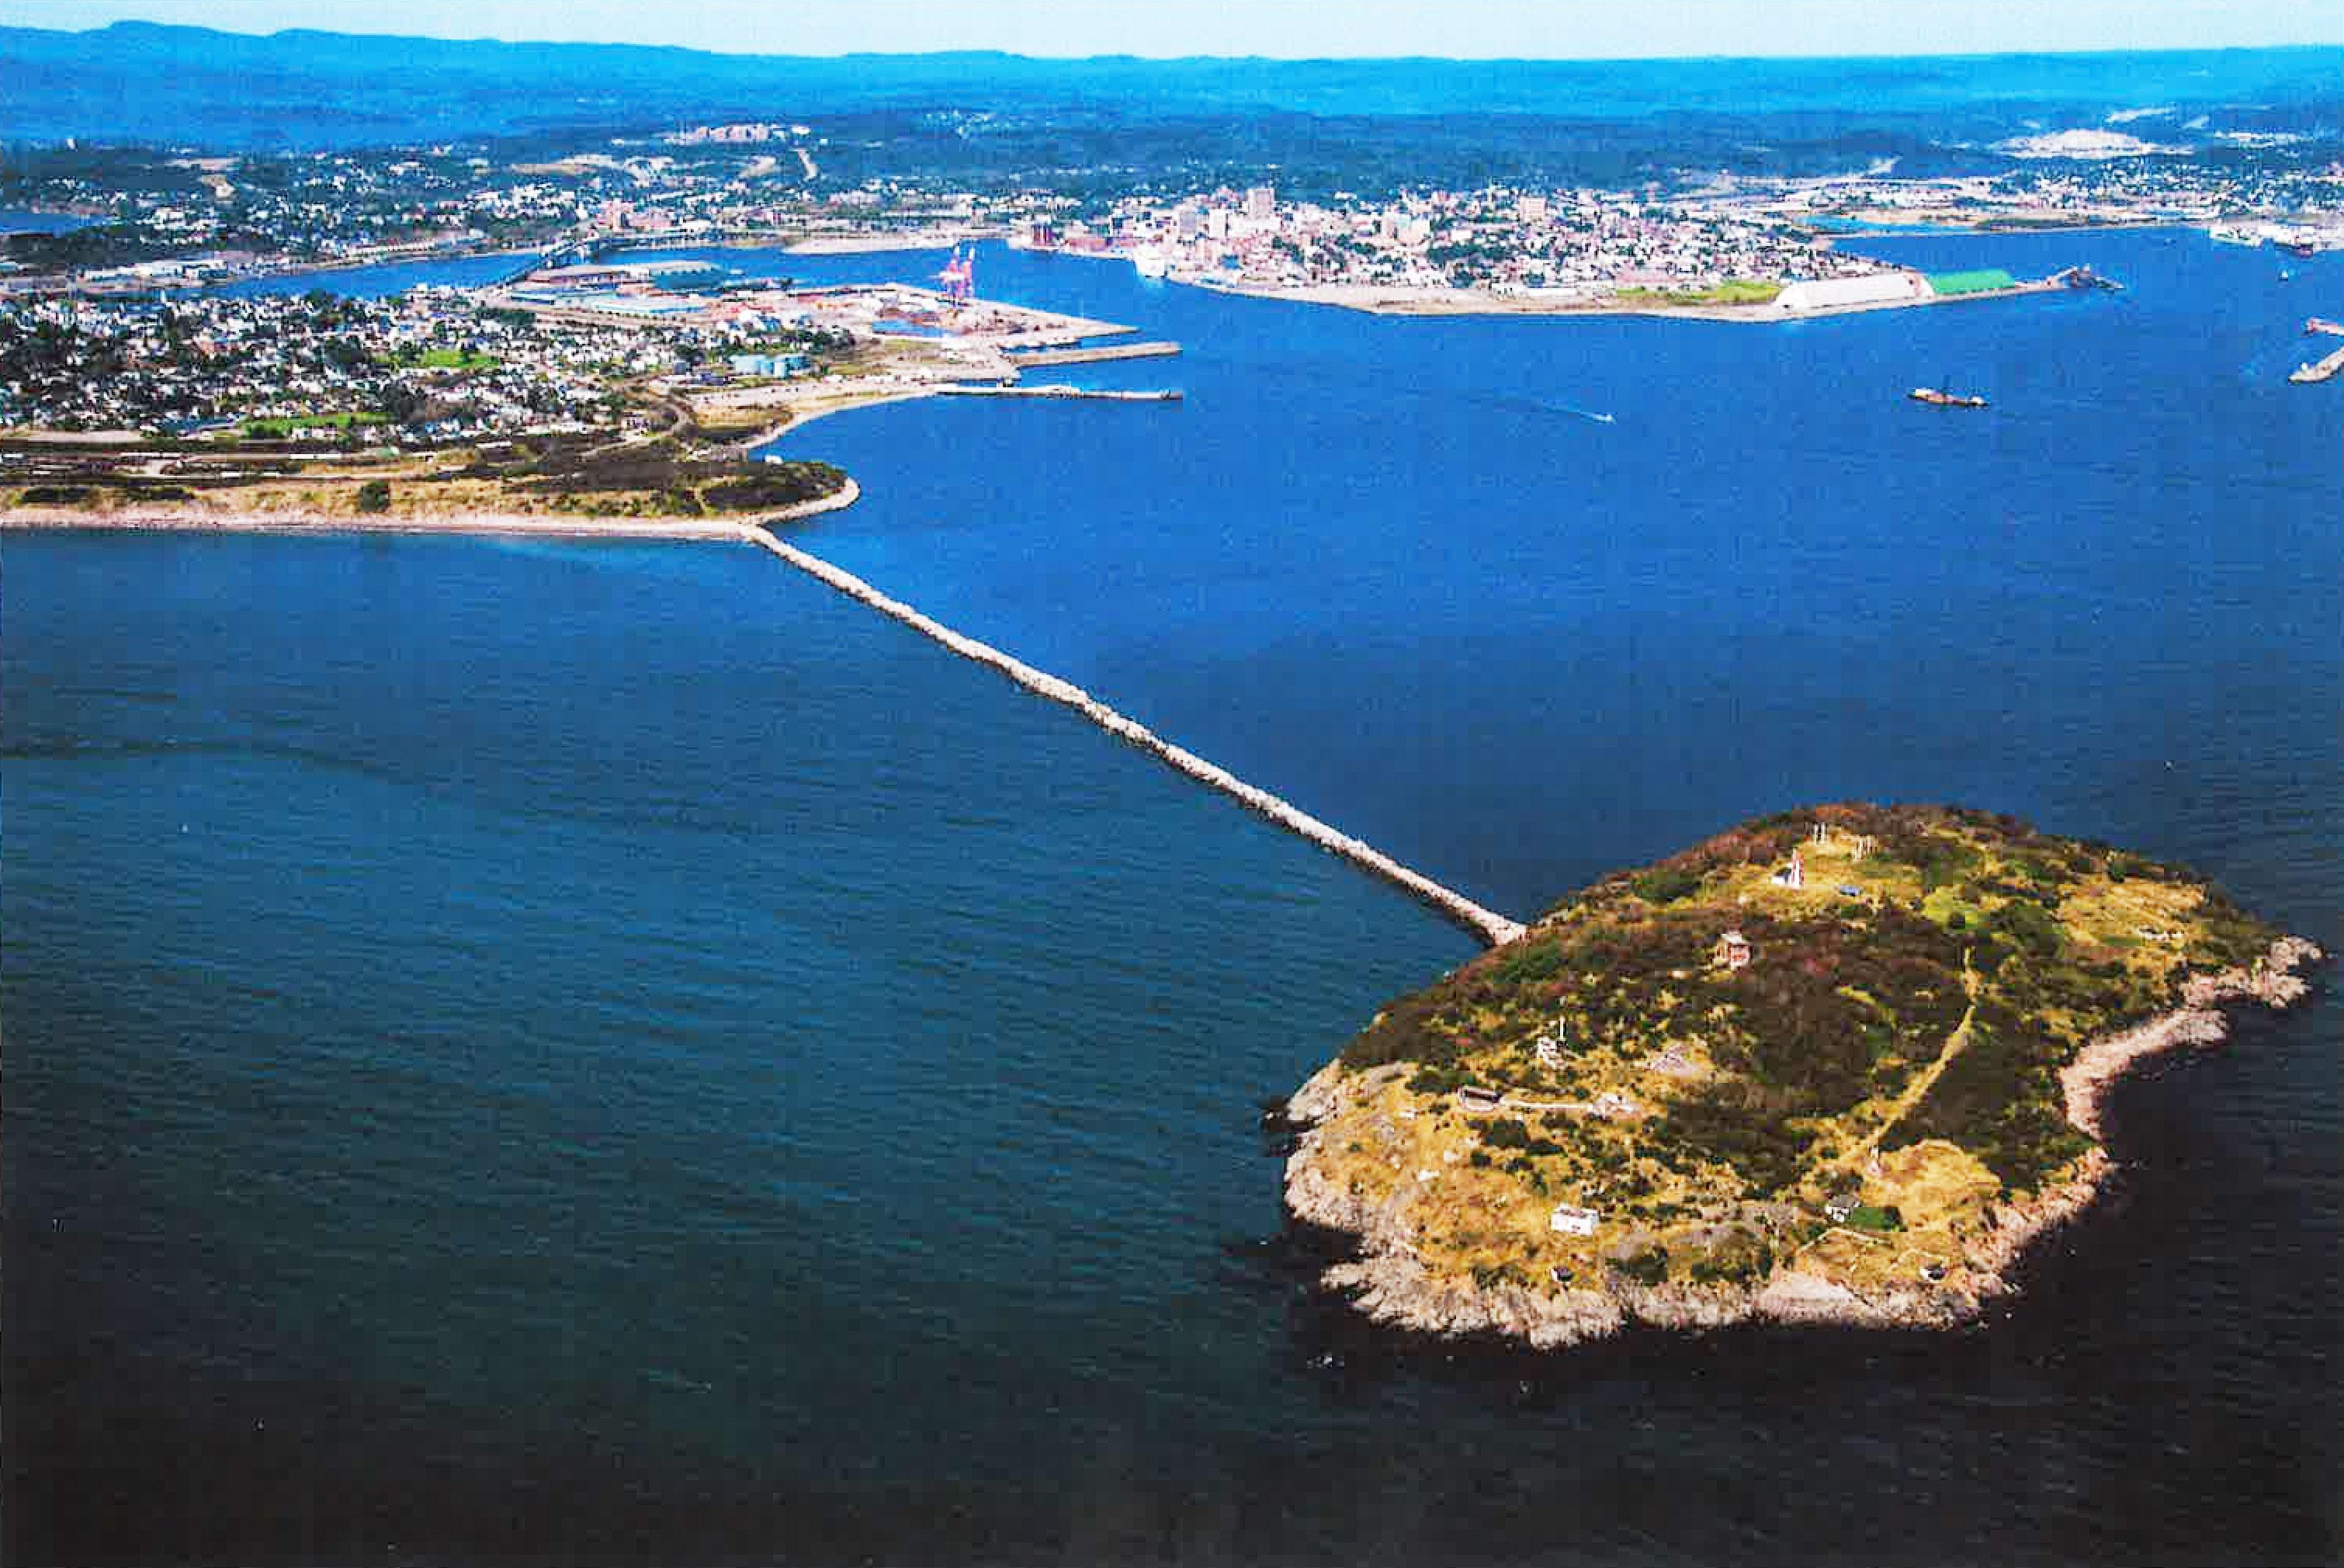 Hodges Point Breakwater (formerly Negro Point Breakwater) in west Saint John